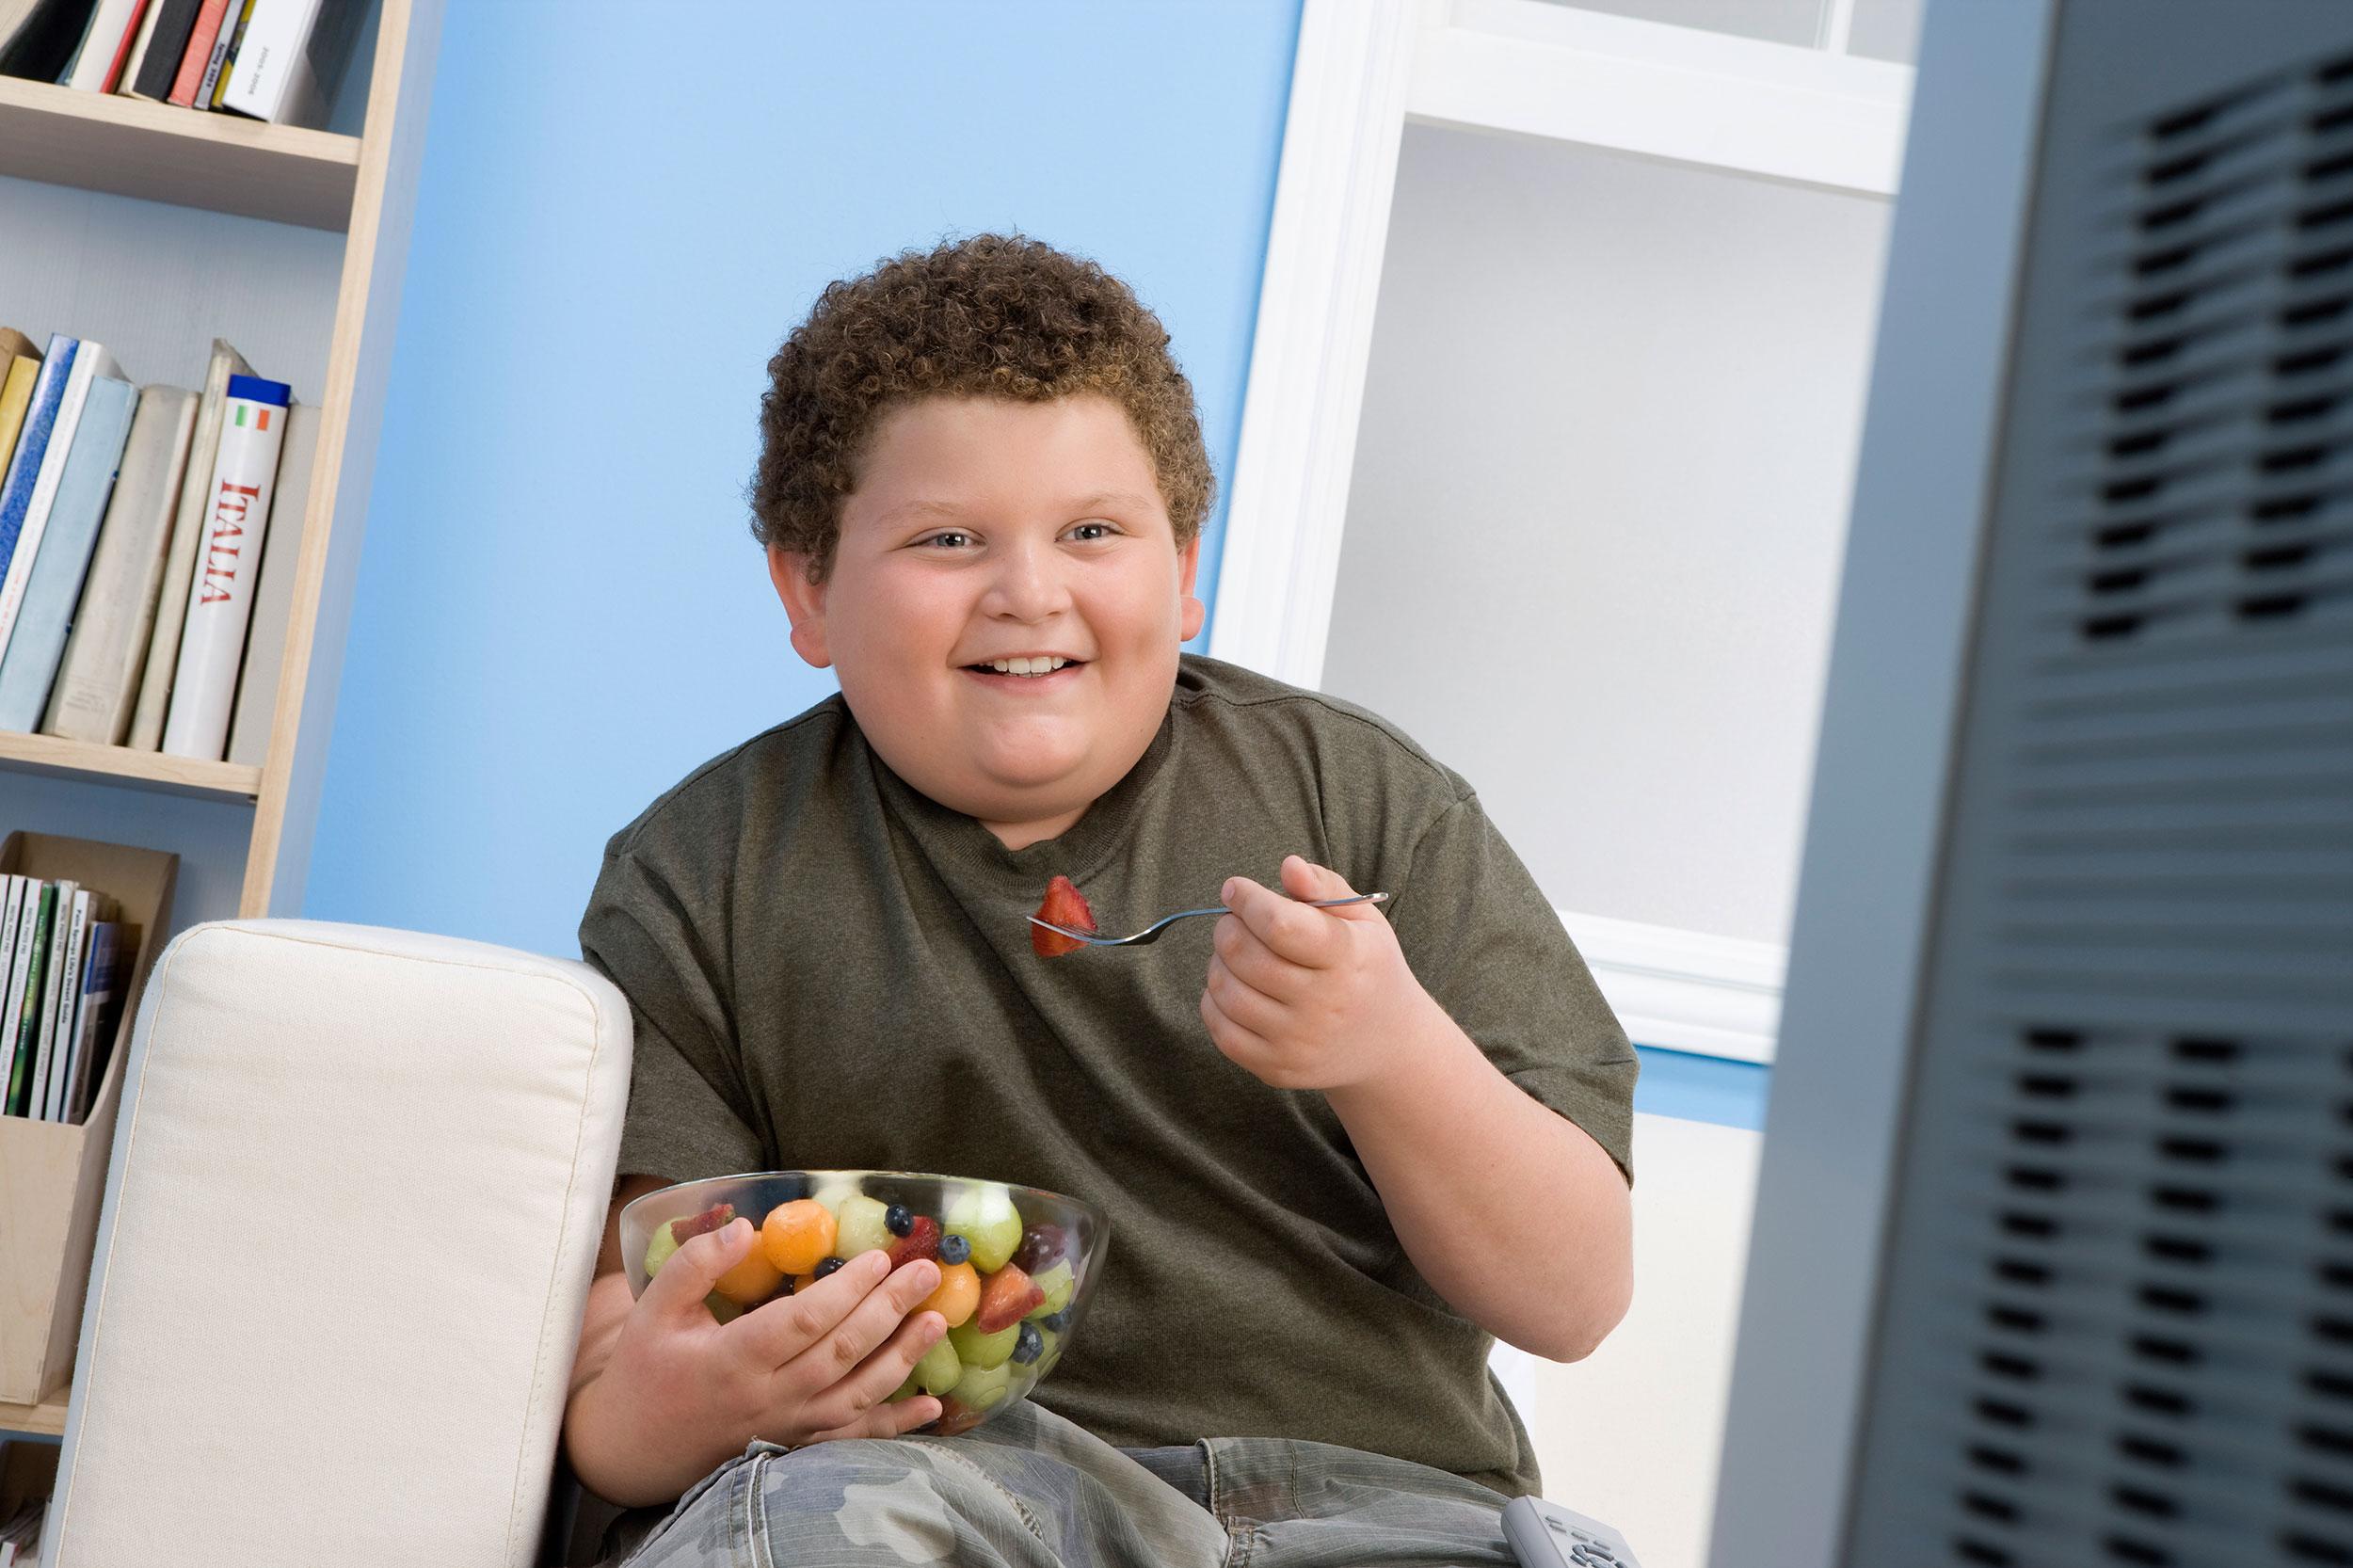 come può un bambino in sovrappeso perdere peso